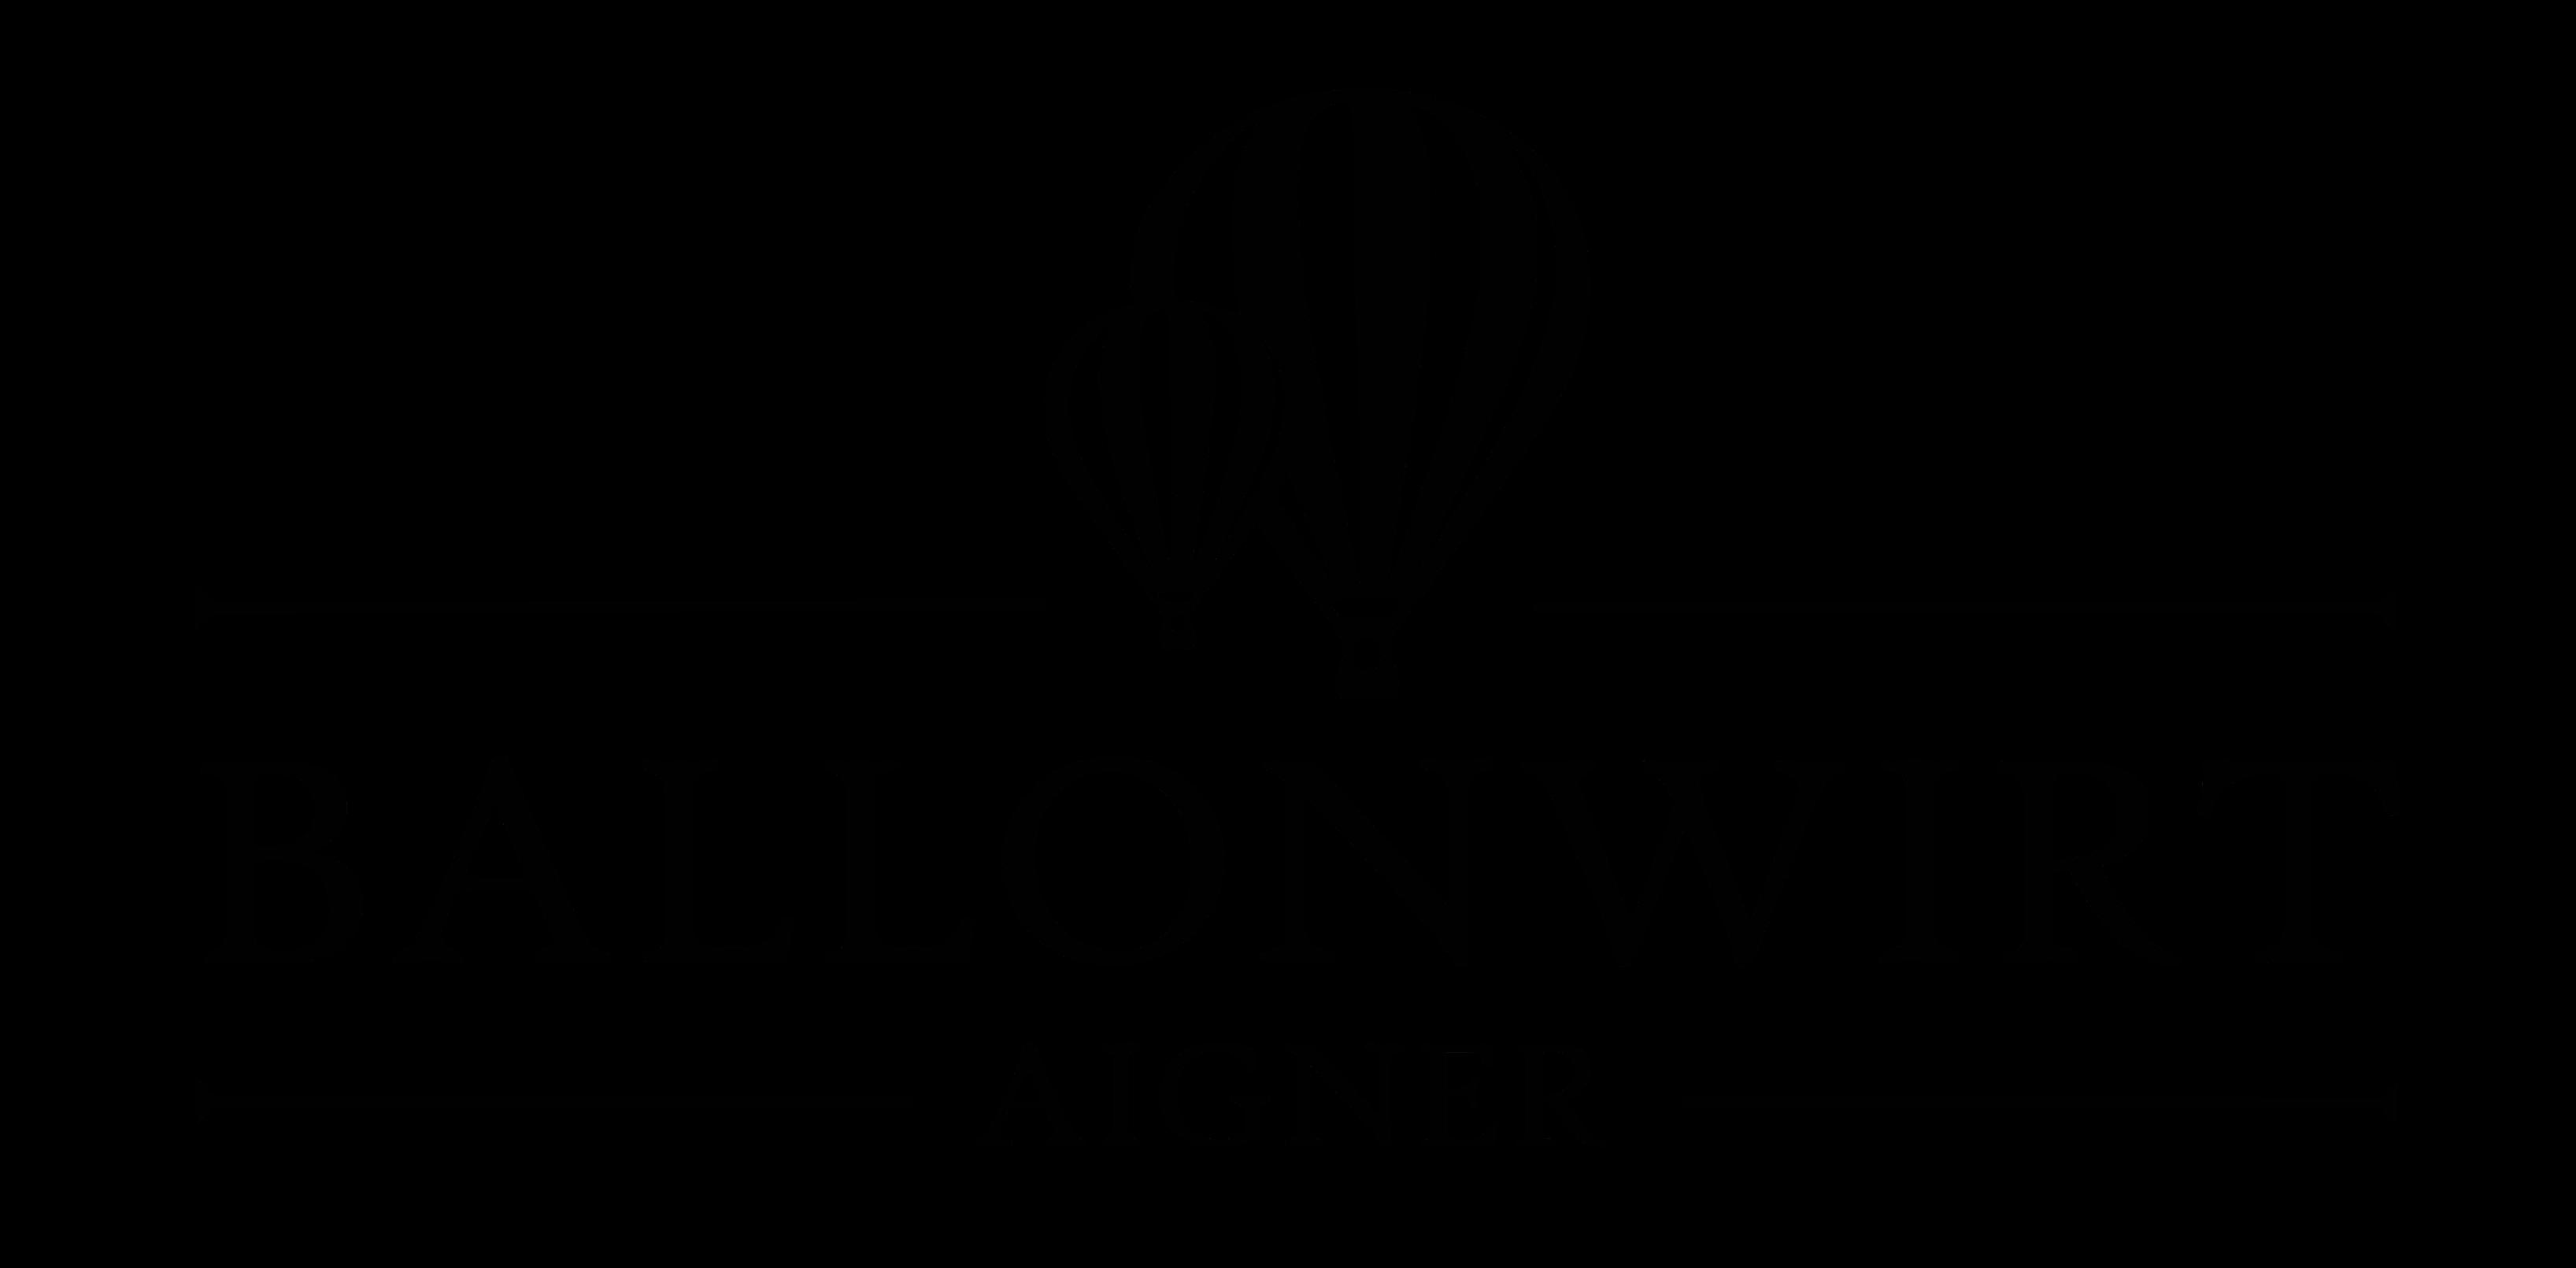 BALLONWIRT AIGNER